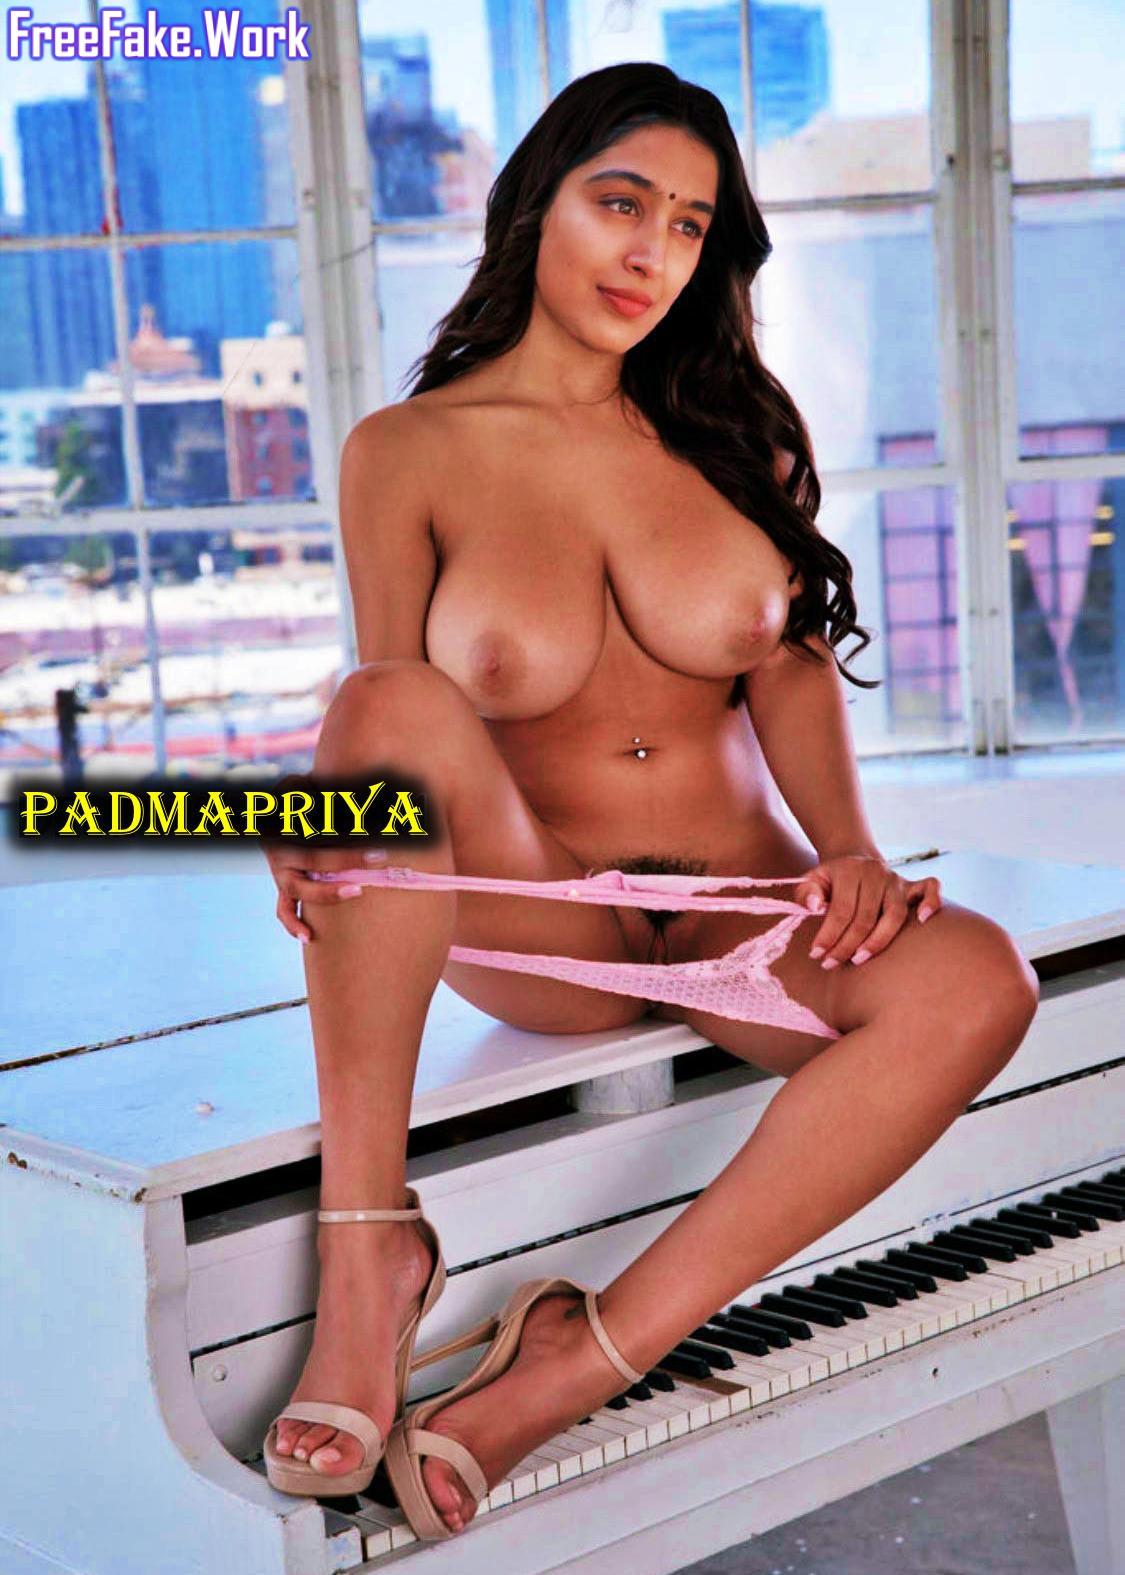 Big-boobs-Padmapriya-removing-her-undies-topless-hot.jpg